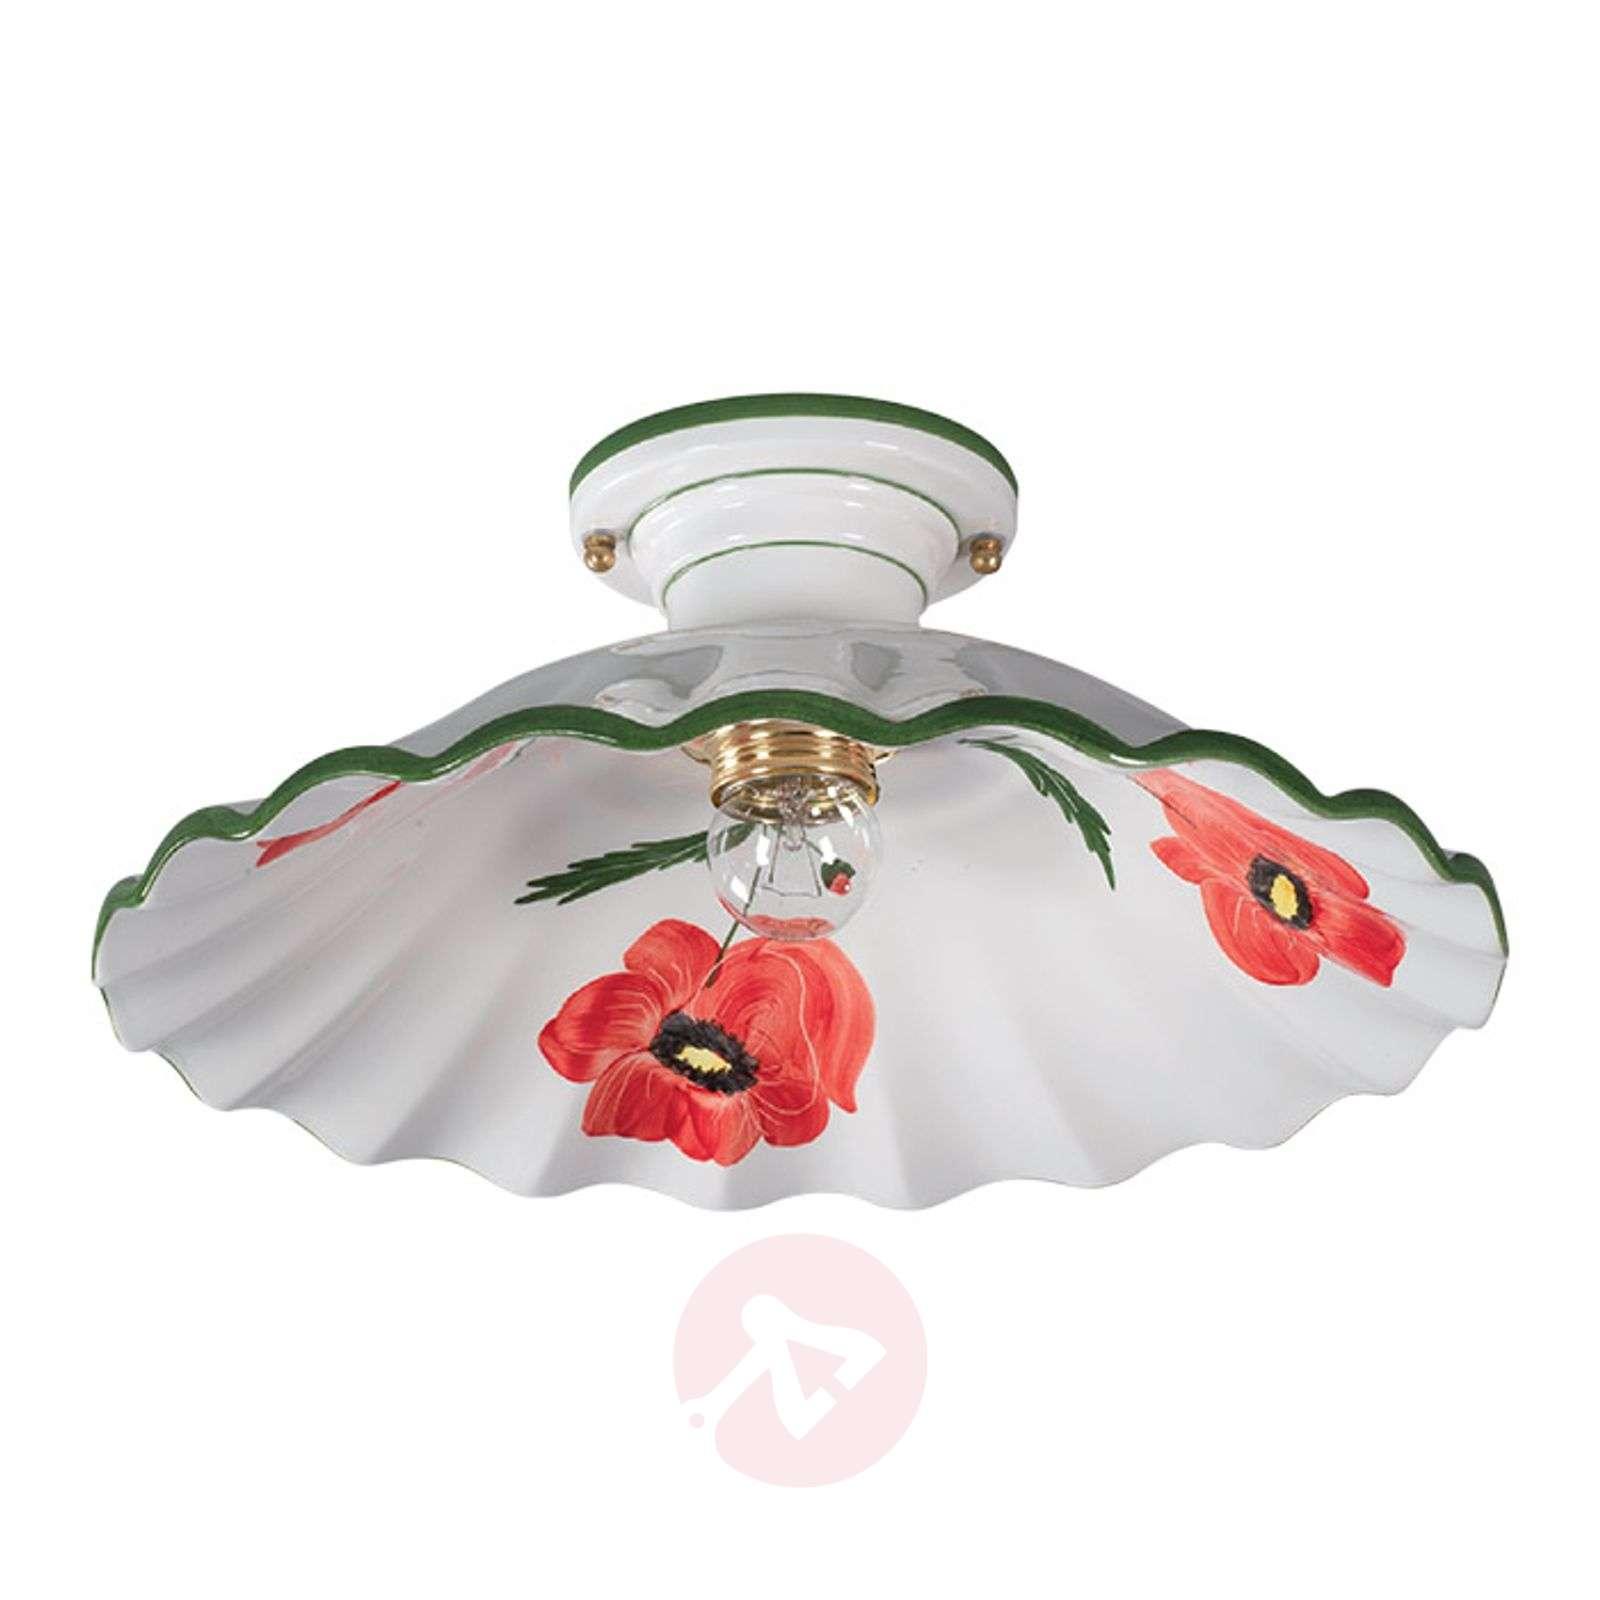 Tyylikäs keraaminen kattovalaisin Papaveri-3046001-01